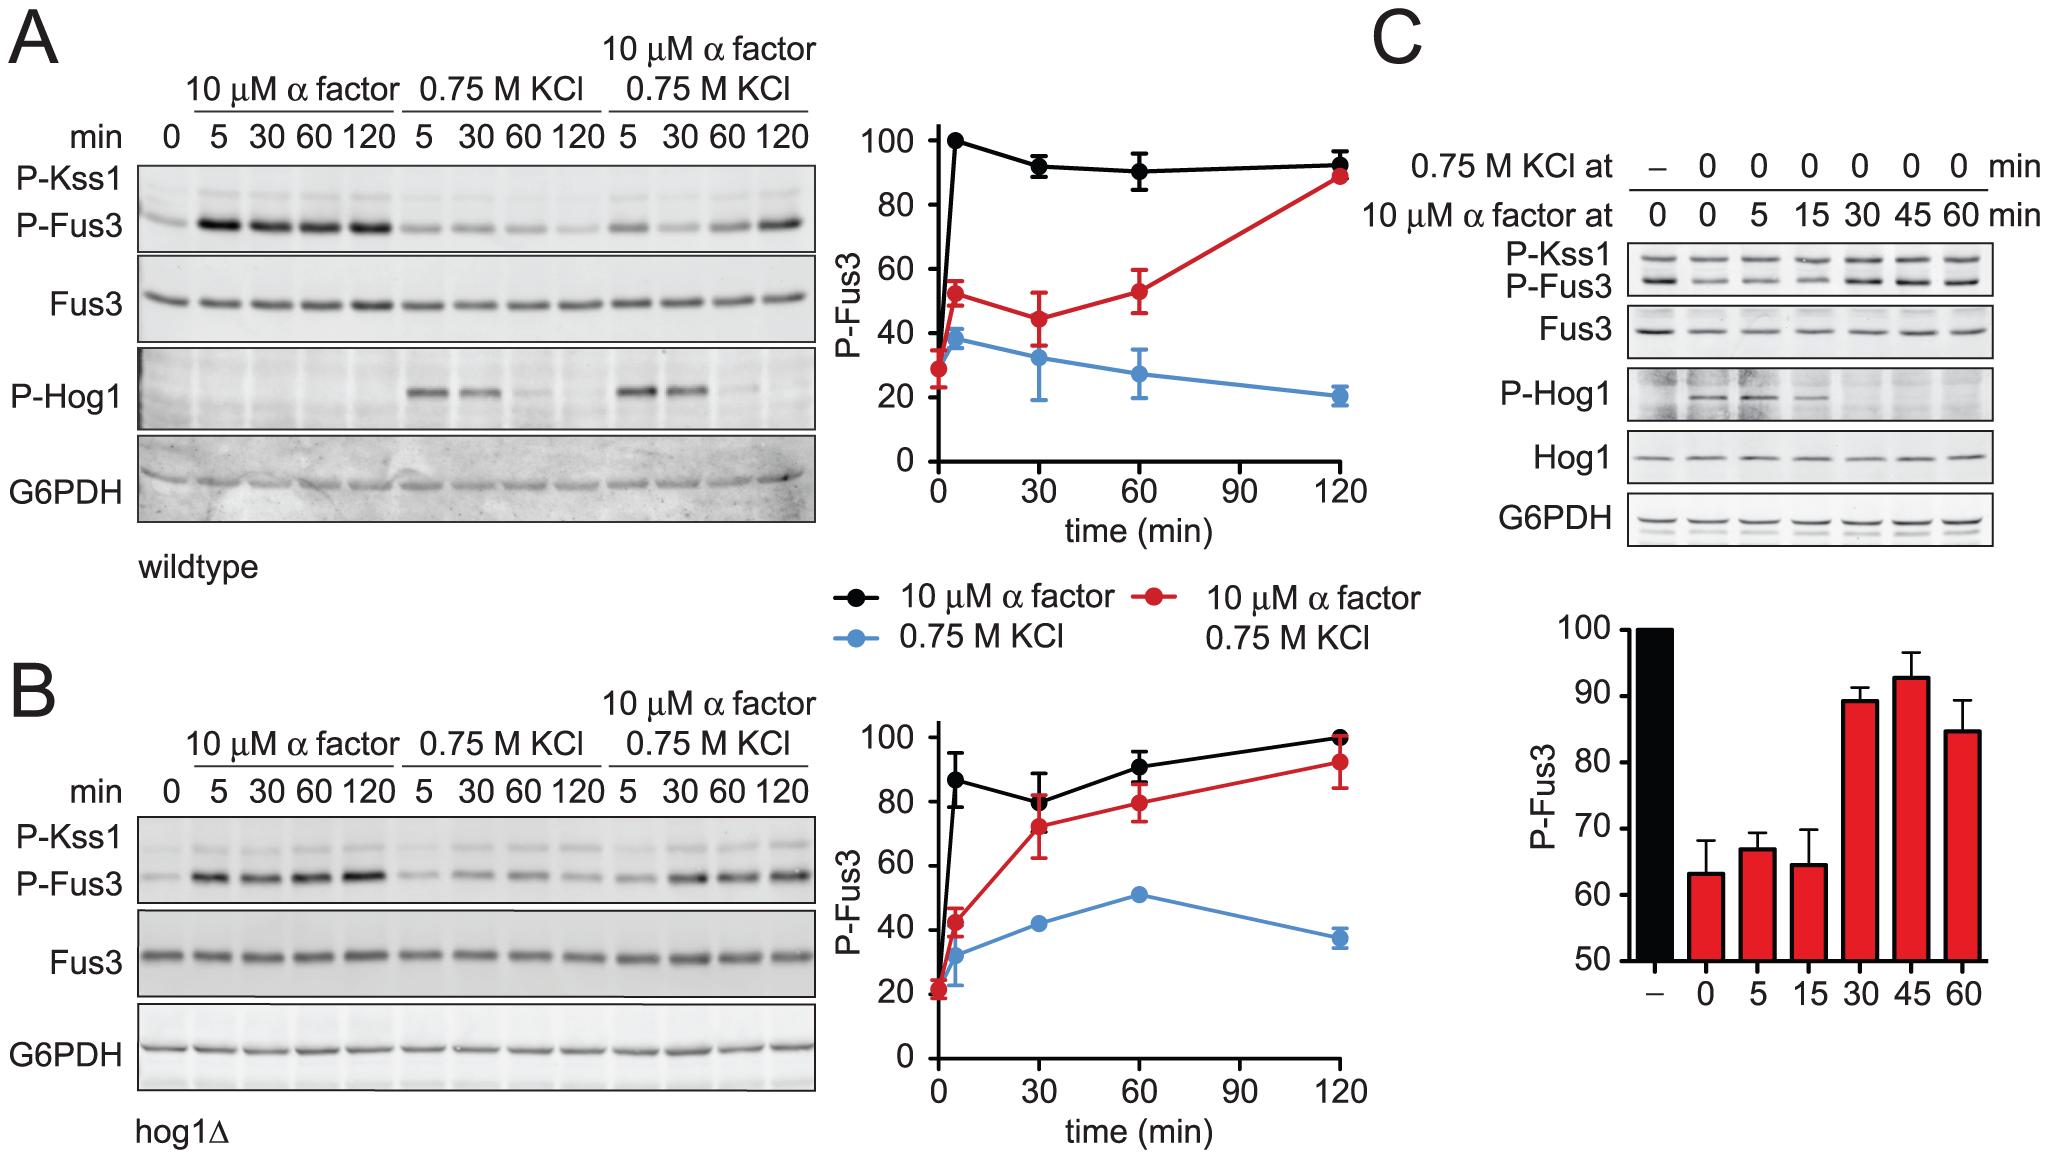 Hyperosmotic stress dampens Fus3 activation in a Hog1-dependent manner.